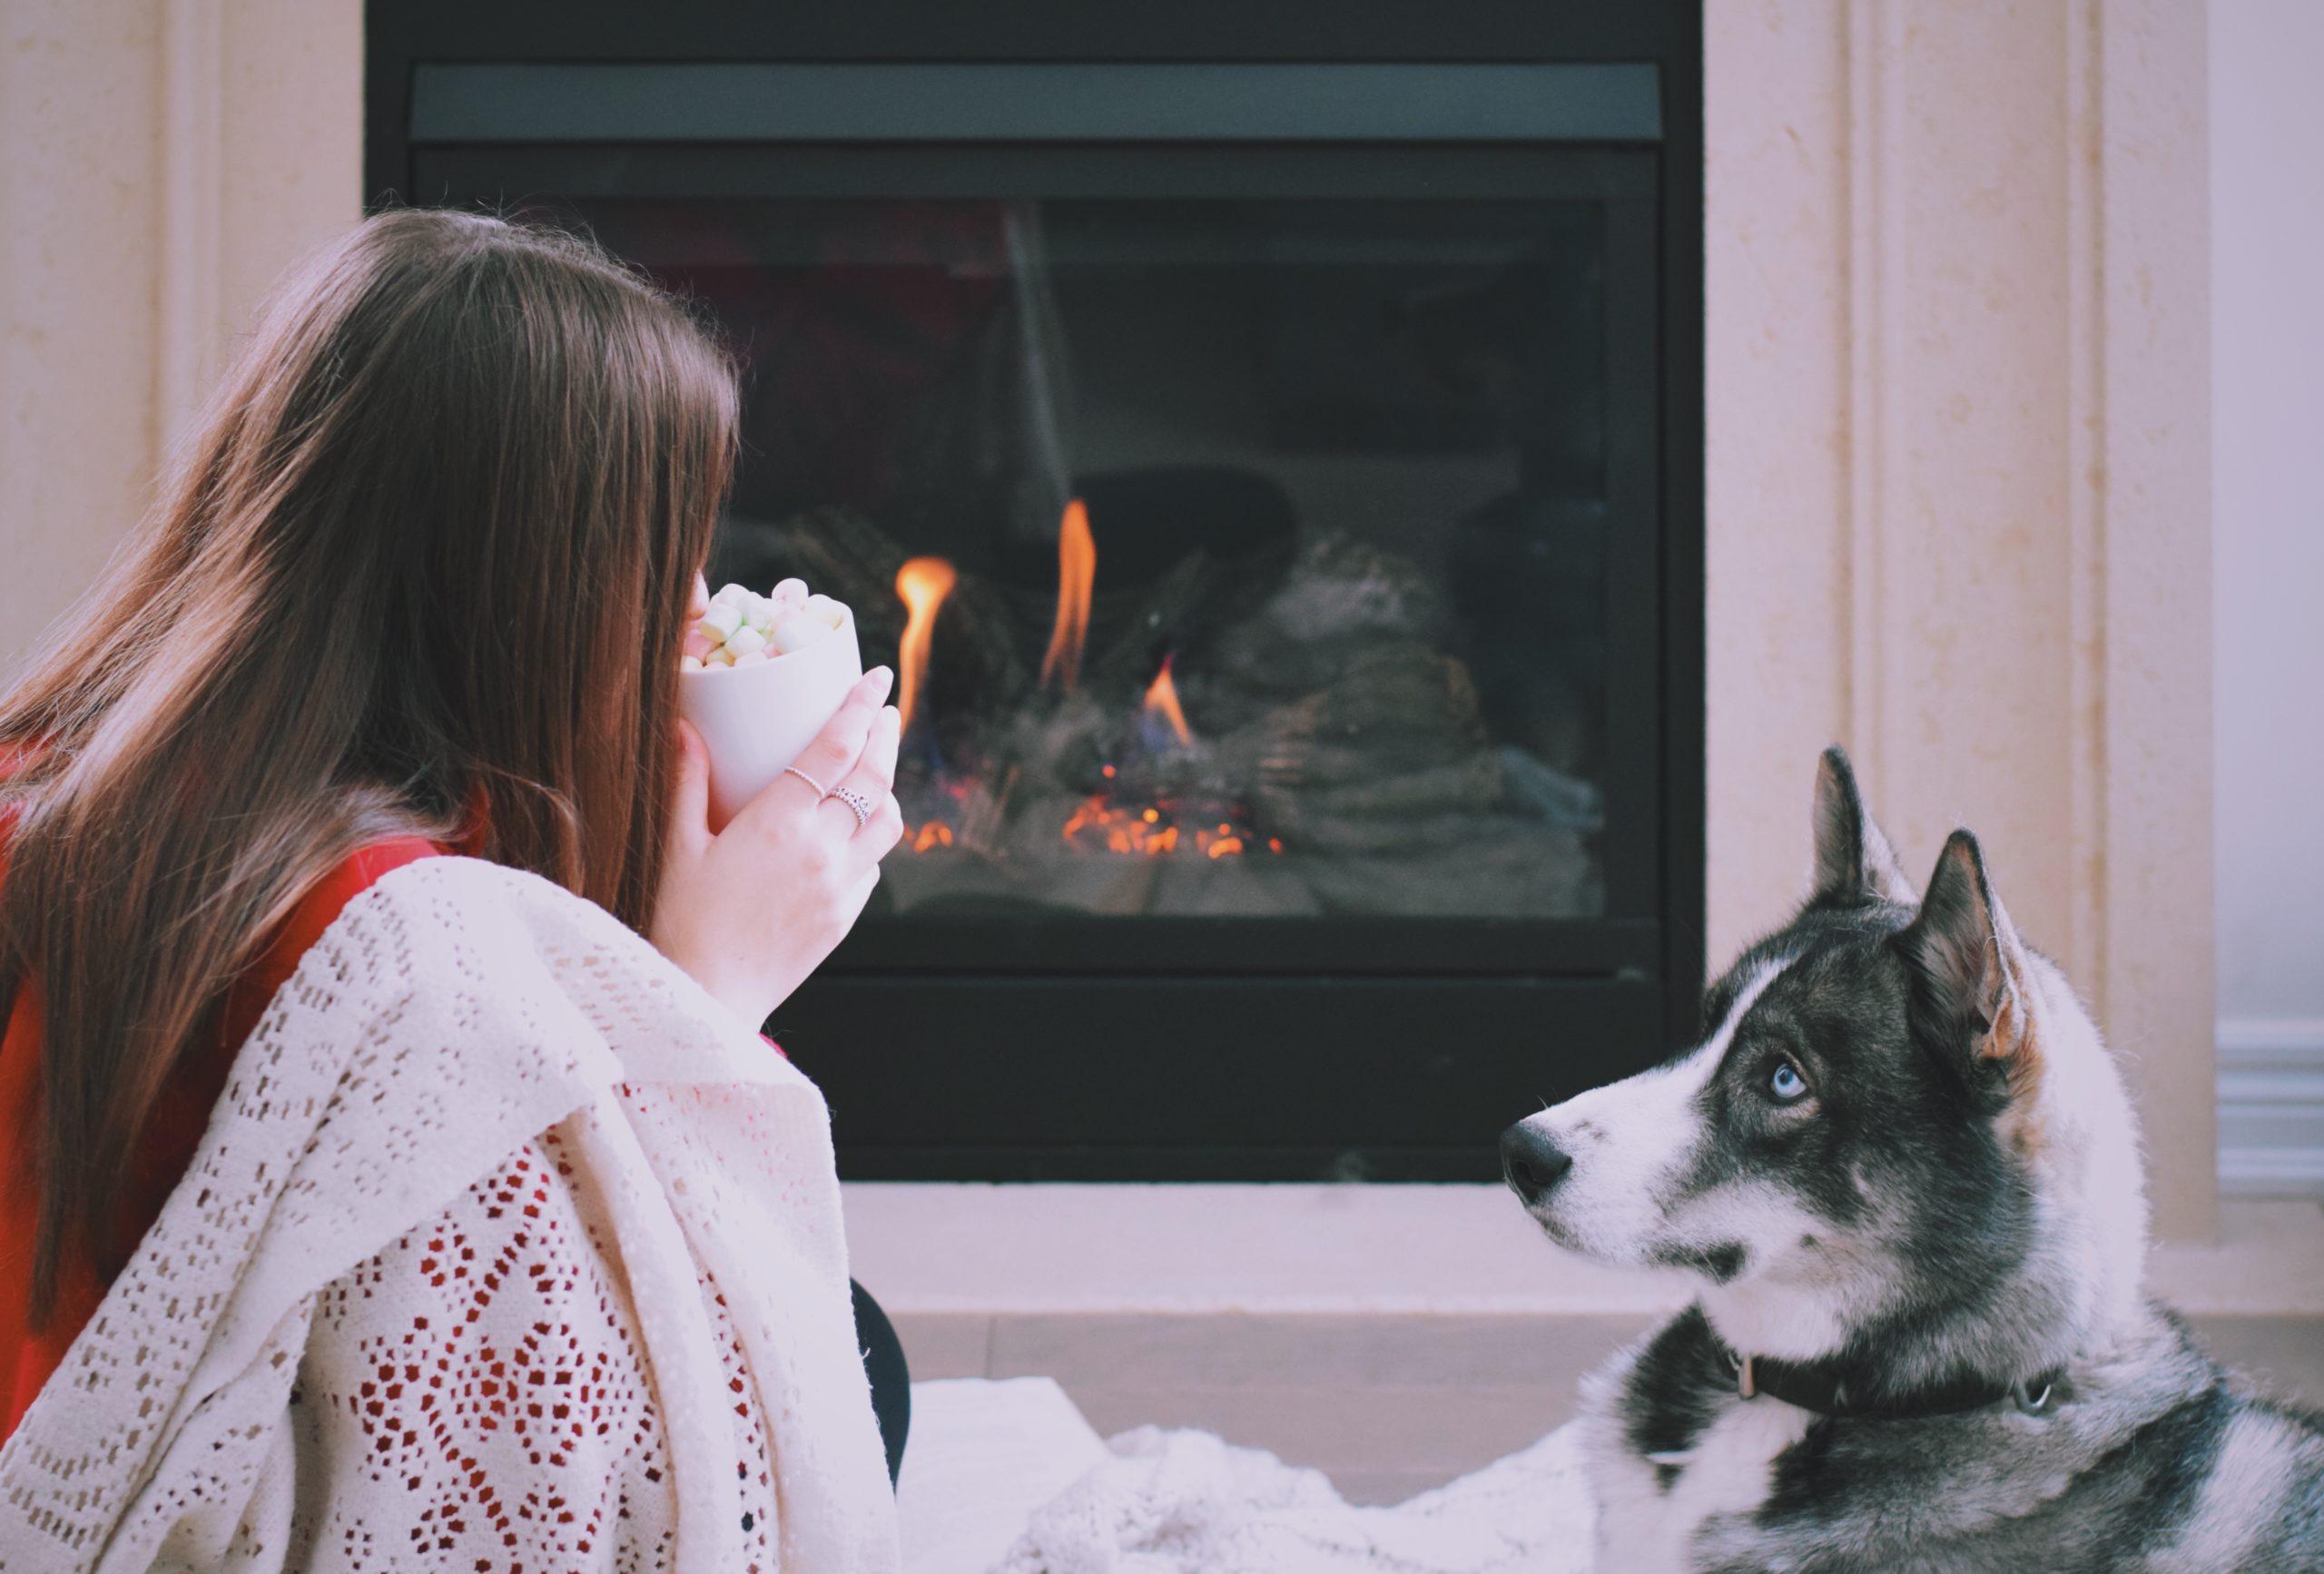 Cómo limpiar la chimenea - Chica y perro delante de chimenea